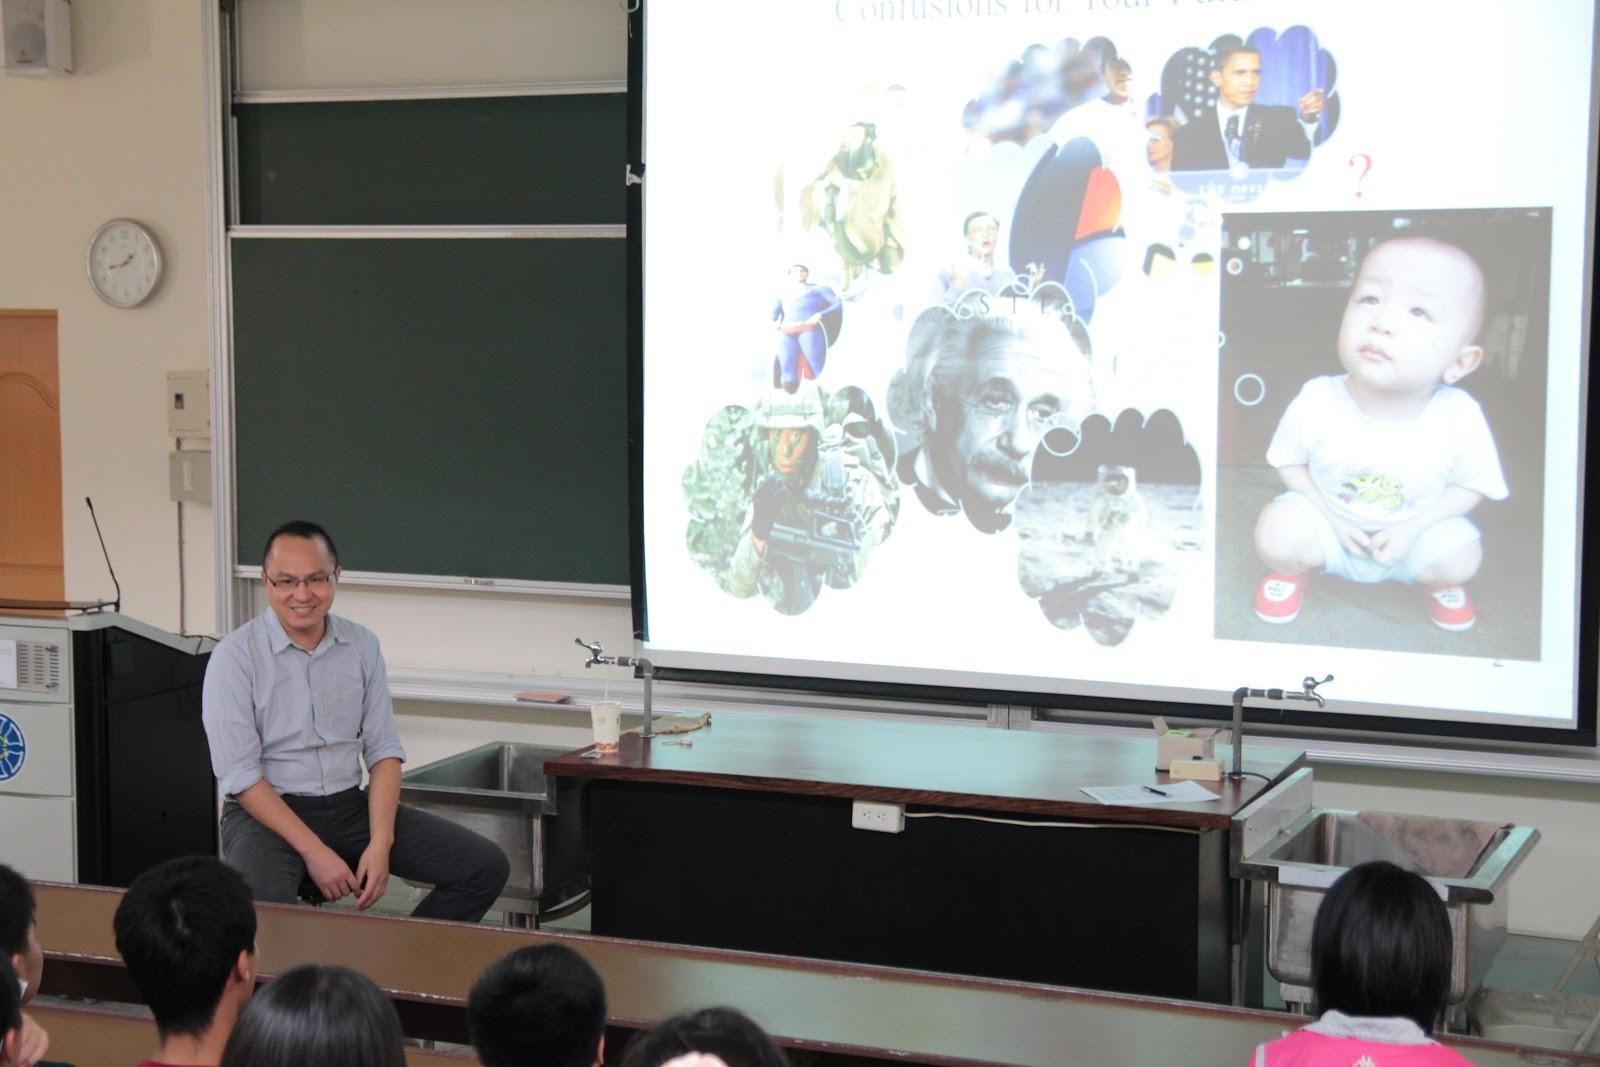 臺北市立華江高中教務處實驗研究組: 1010928奧林匹亞科學實驗課程上課紀錄